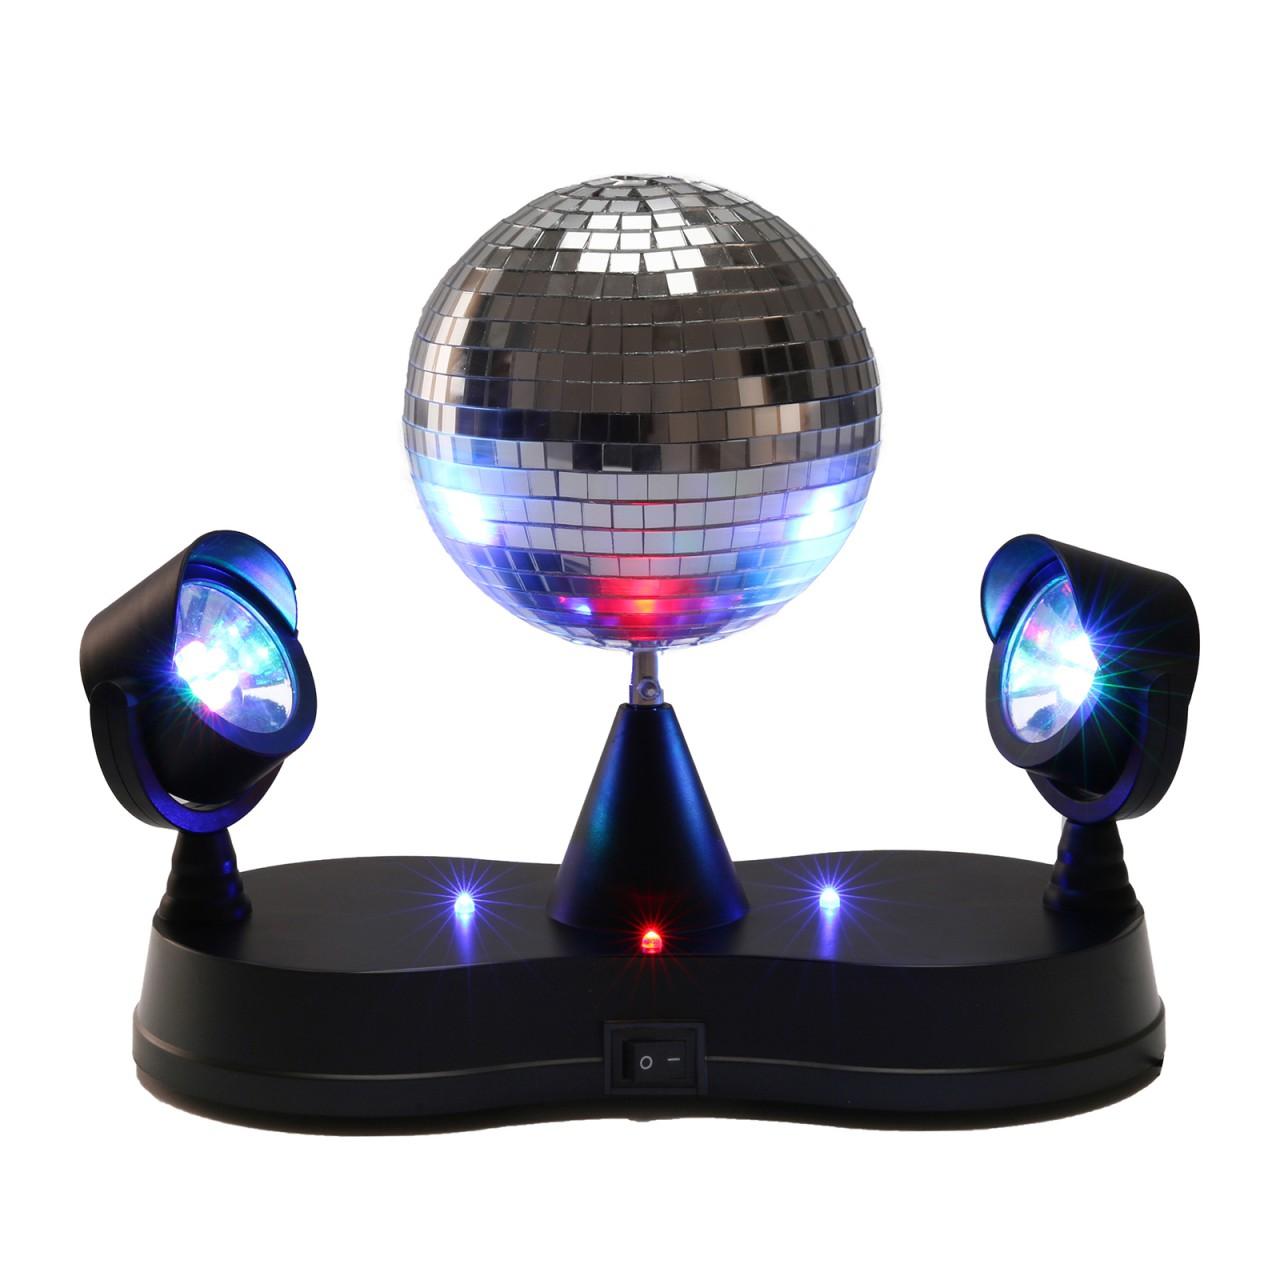 party disco doppel rgb led projector strahler 5 discokugel lichteffekt mlb13 ebay. Black Bedroom Furniture Sets. Home Design Ideas